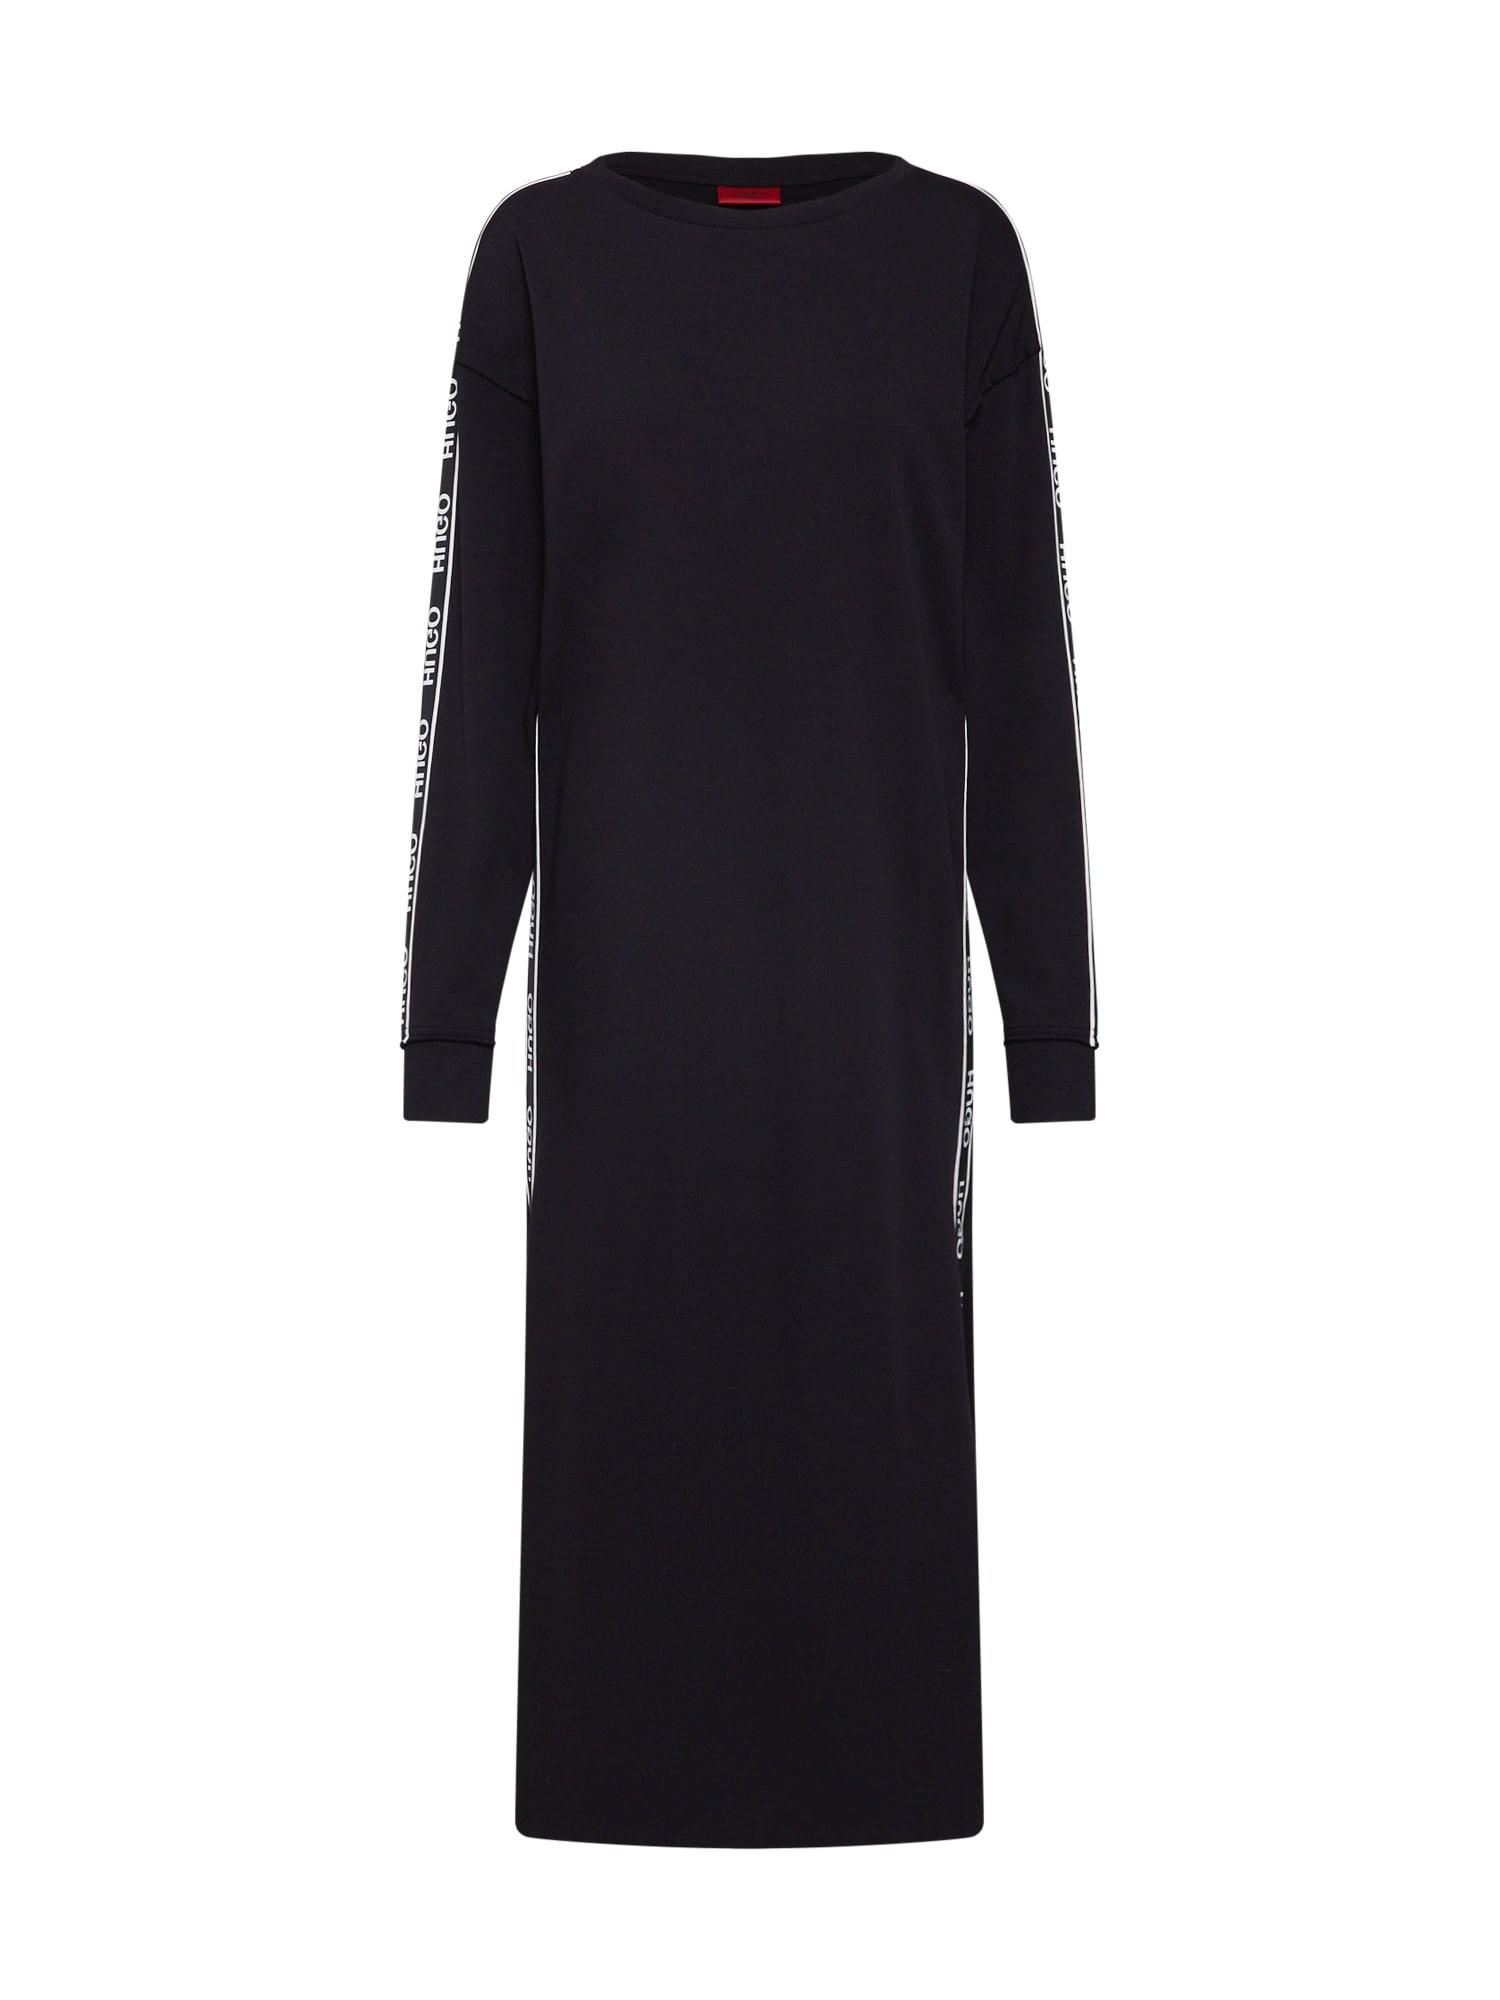 Šaty Nuery černá bílá HUGO